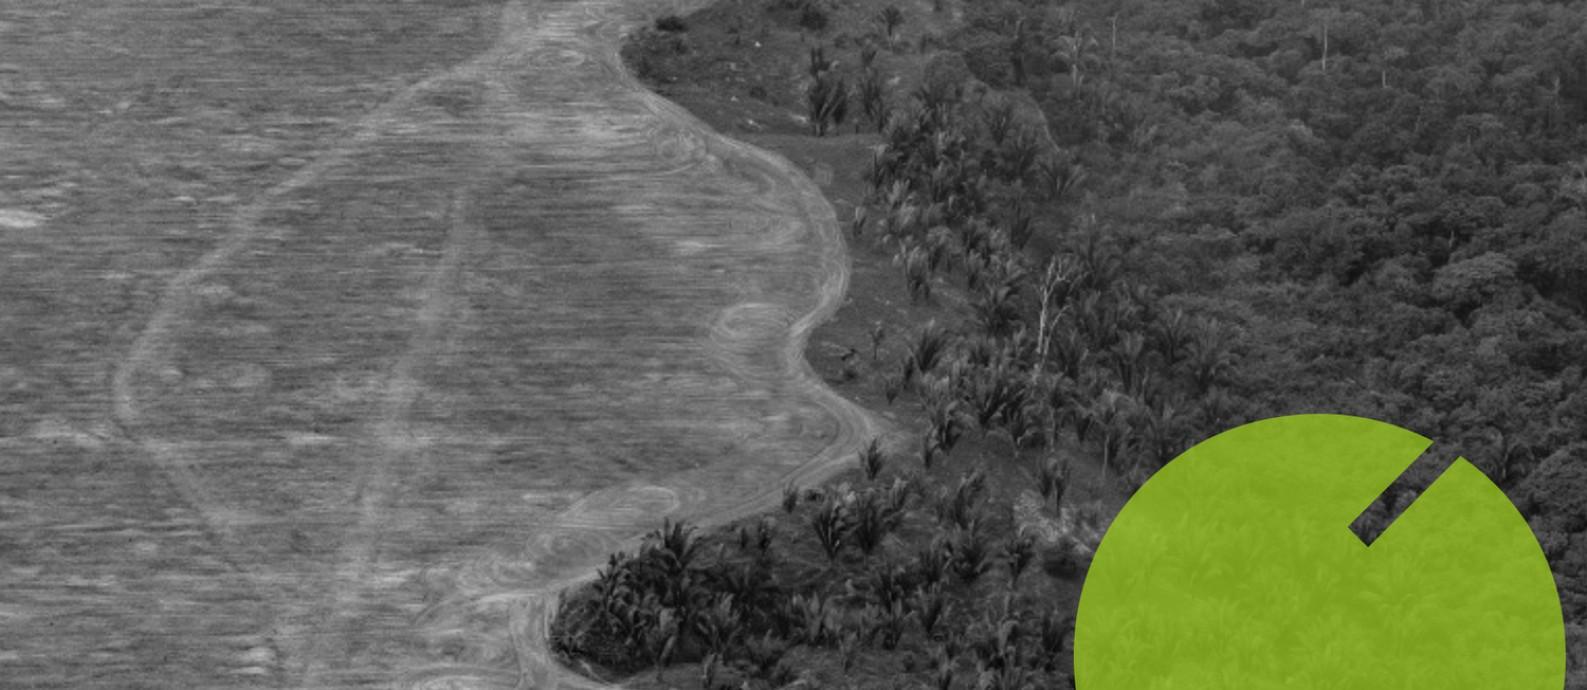 Expansão de fazenda em área de queimada no Mato Grosso: governo afirma que precisa de mais recursos para fiscalizar a Amazônia Foto: VICTOR MORIYAMA/NYT/31-8-2019 / Arte O Globo